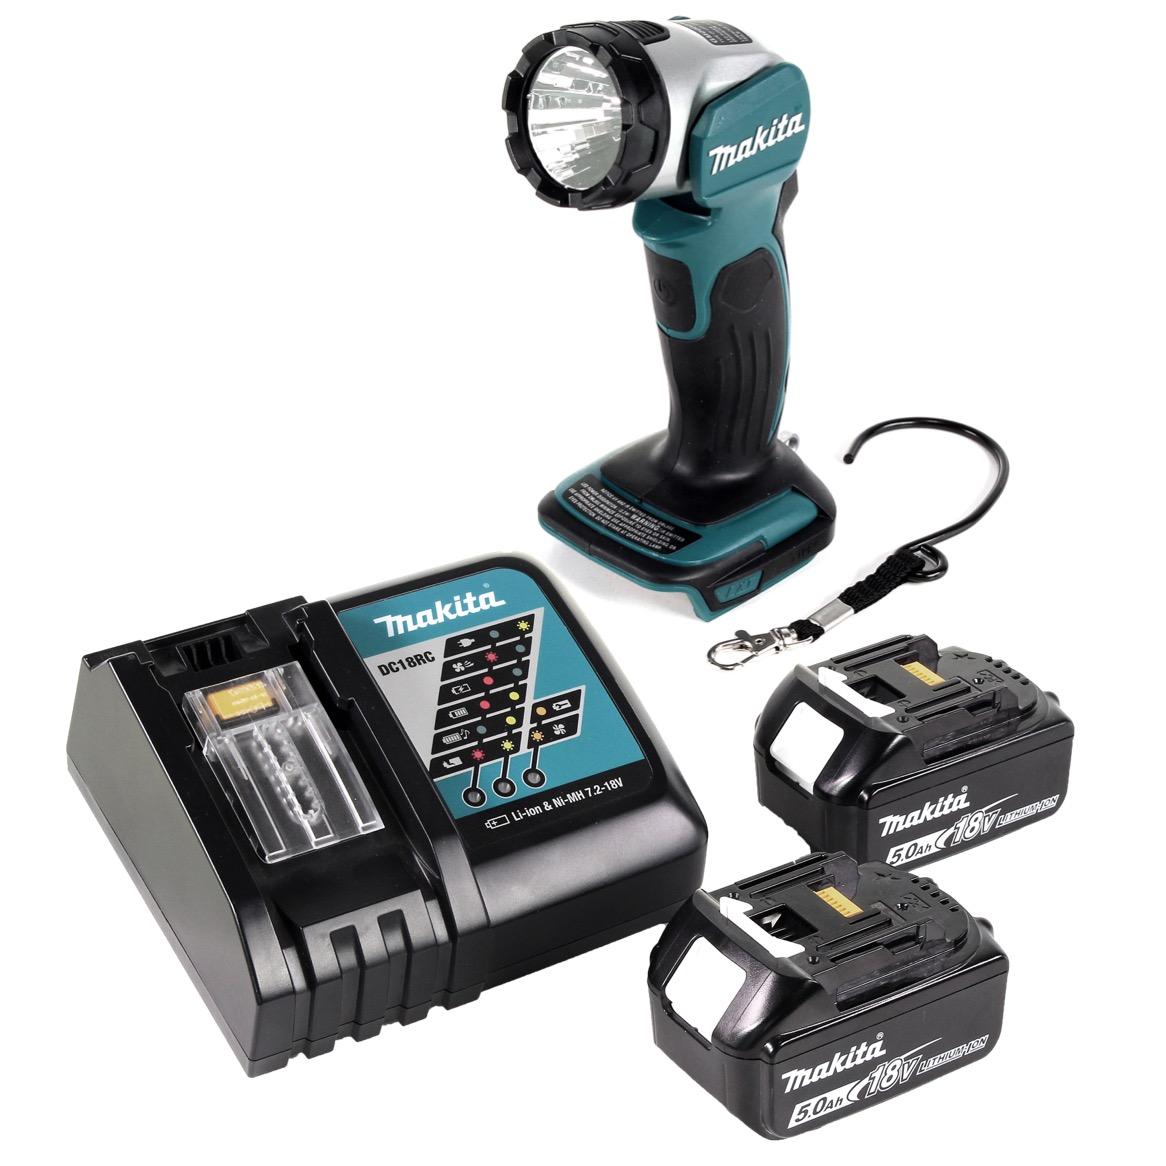 Makita DML 802 RT Akku Lampe 18 V Li-Ion für 14,4 und 18 V Akku + 2 x 5,0 Ah Akku + Ladegerät